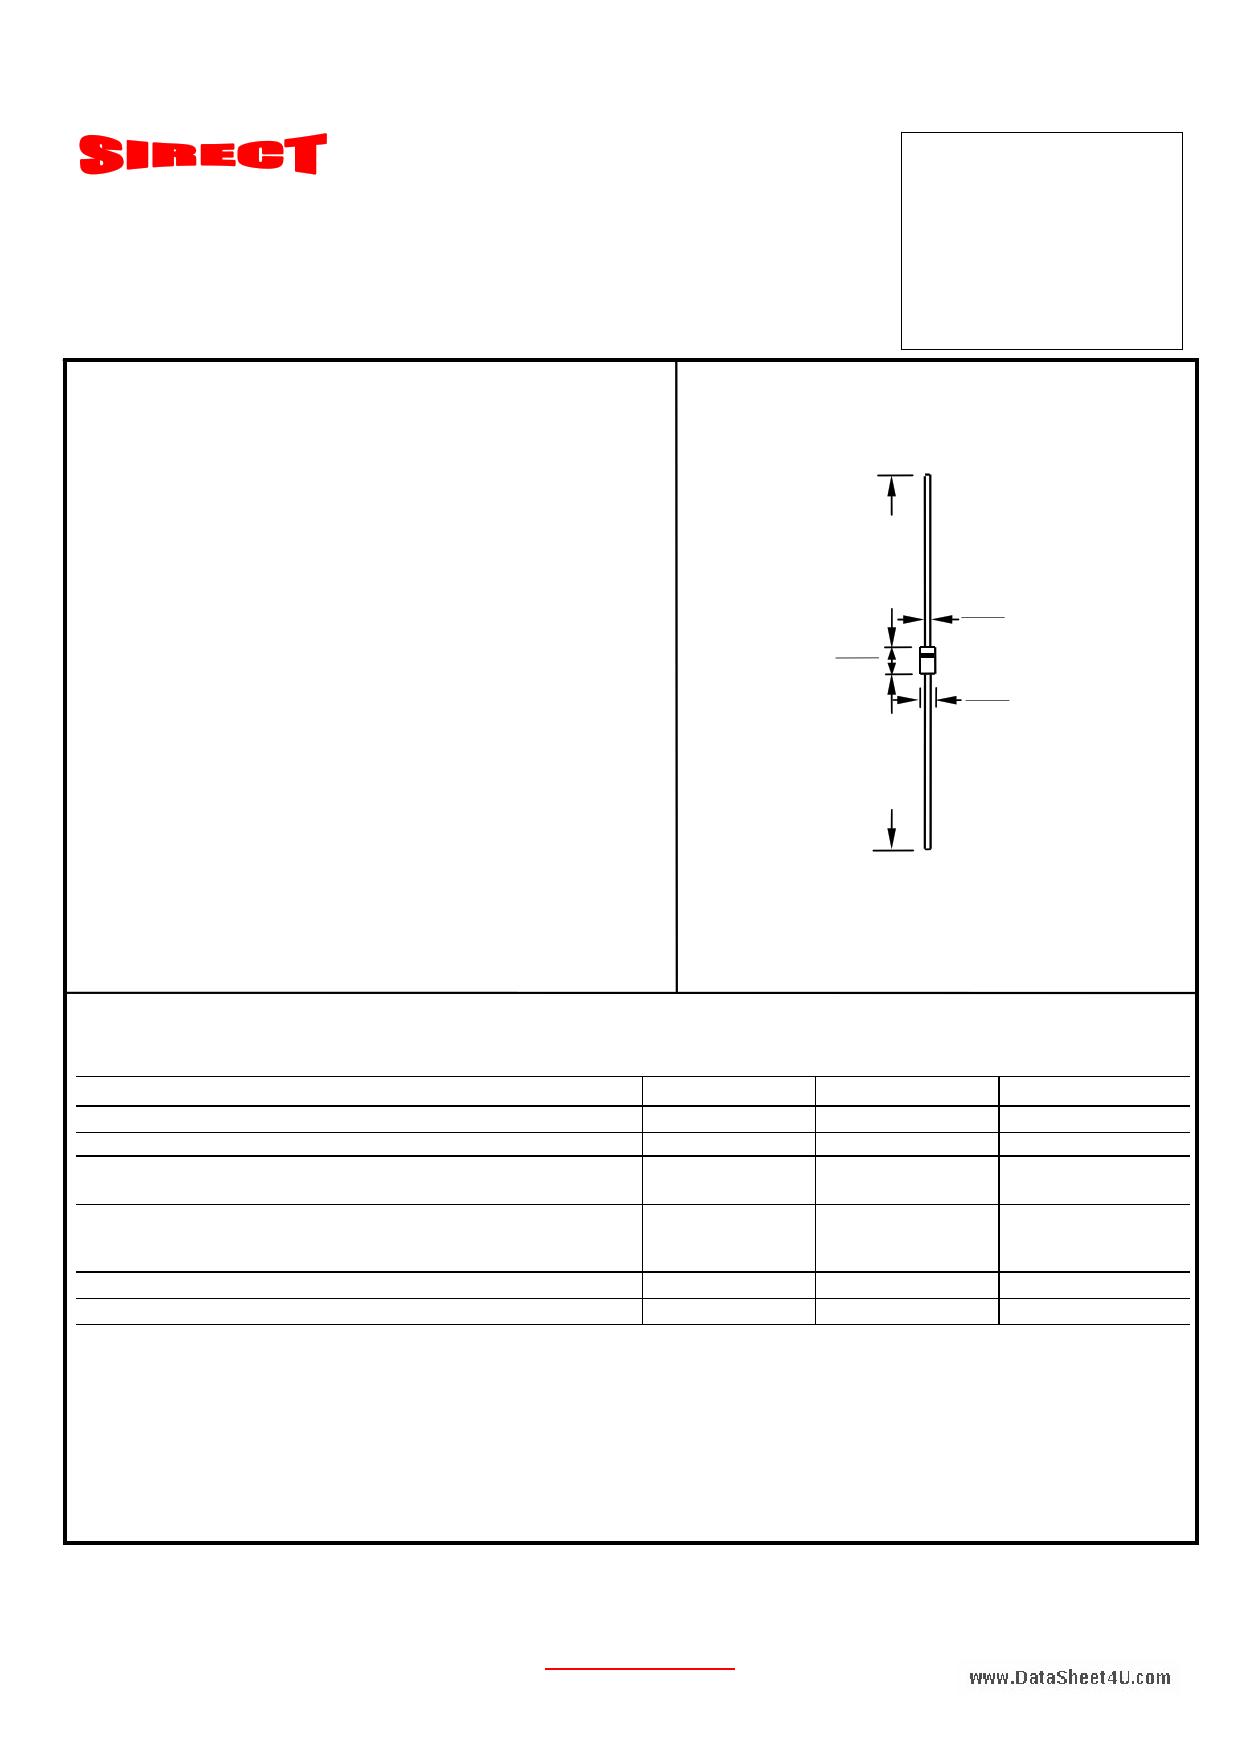 P4KE300C-LF datasheet